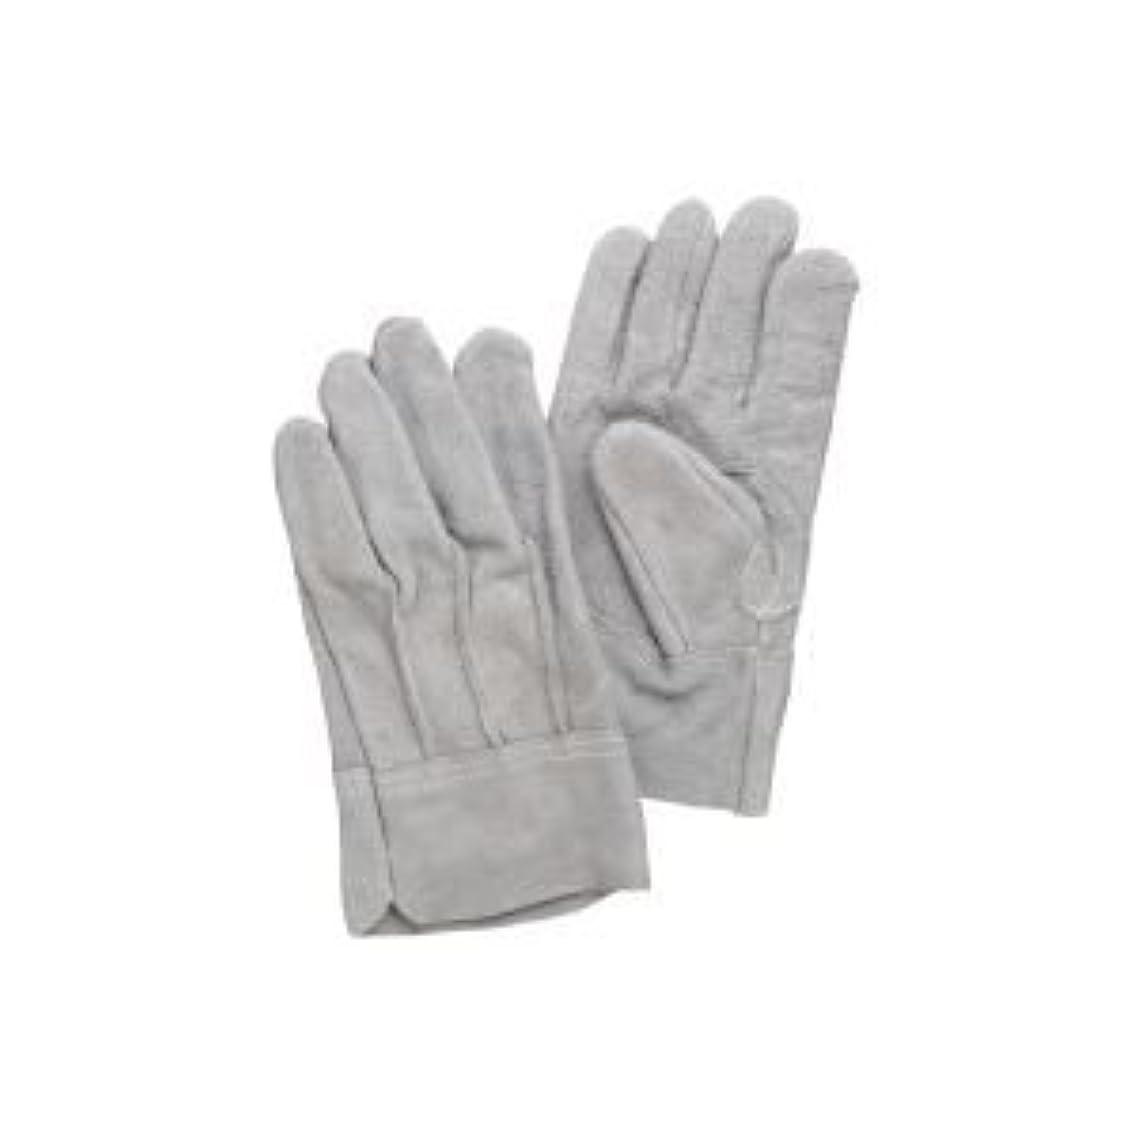 写真の書き出す相互( お徳用 100セット ) 熱田資材 革手袋床革手袋 背縫い NO.11 グレー